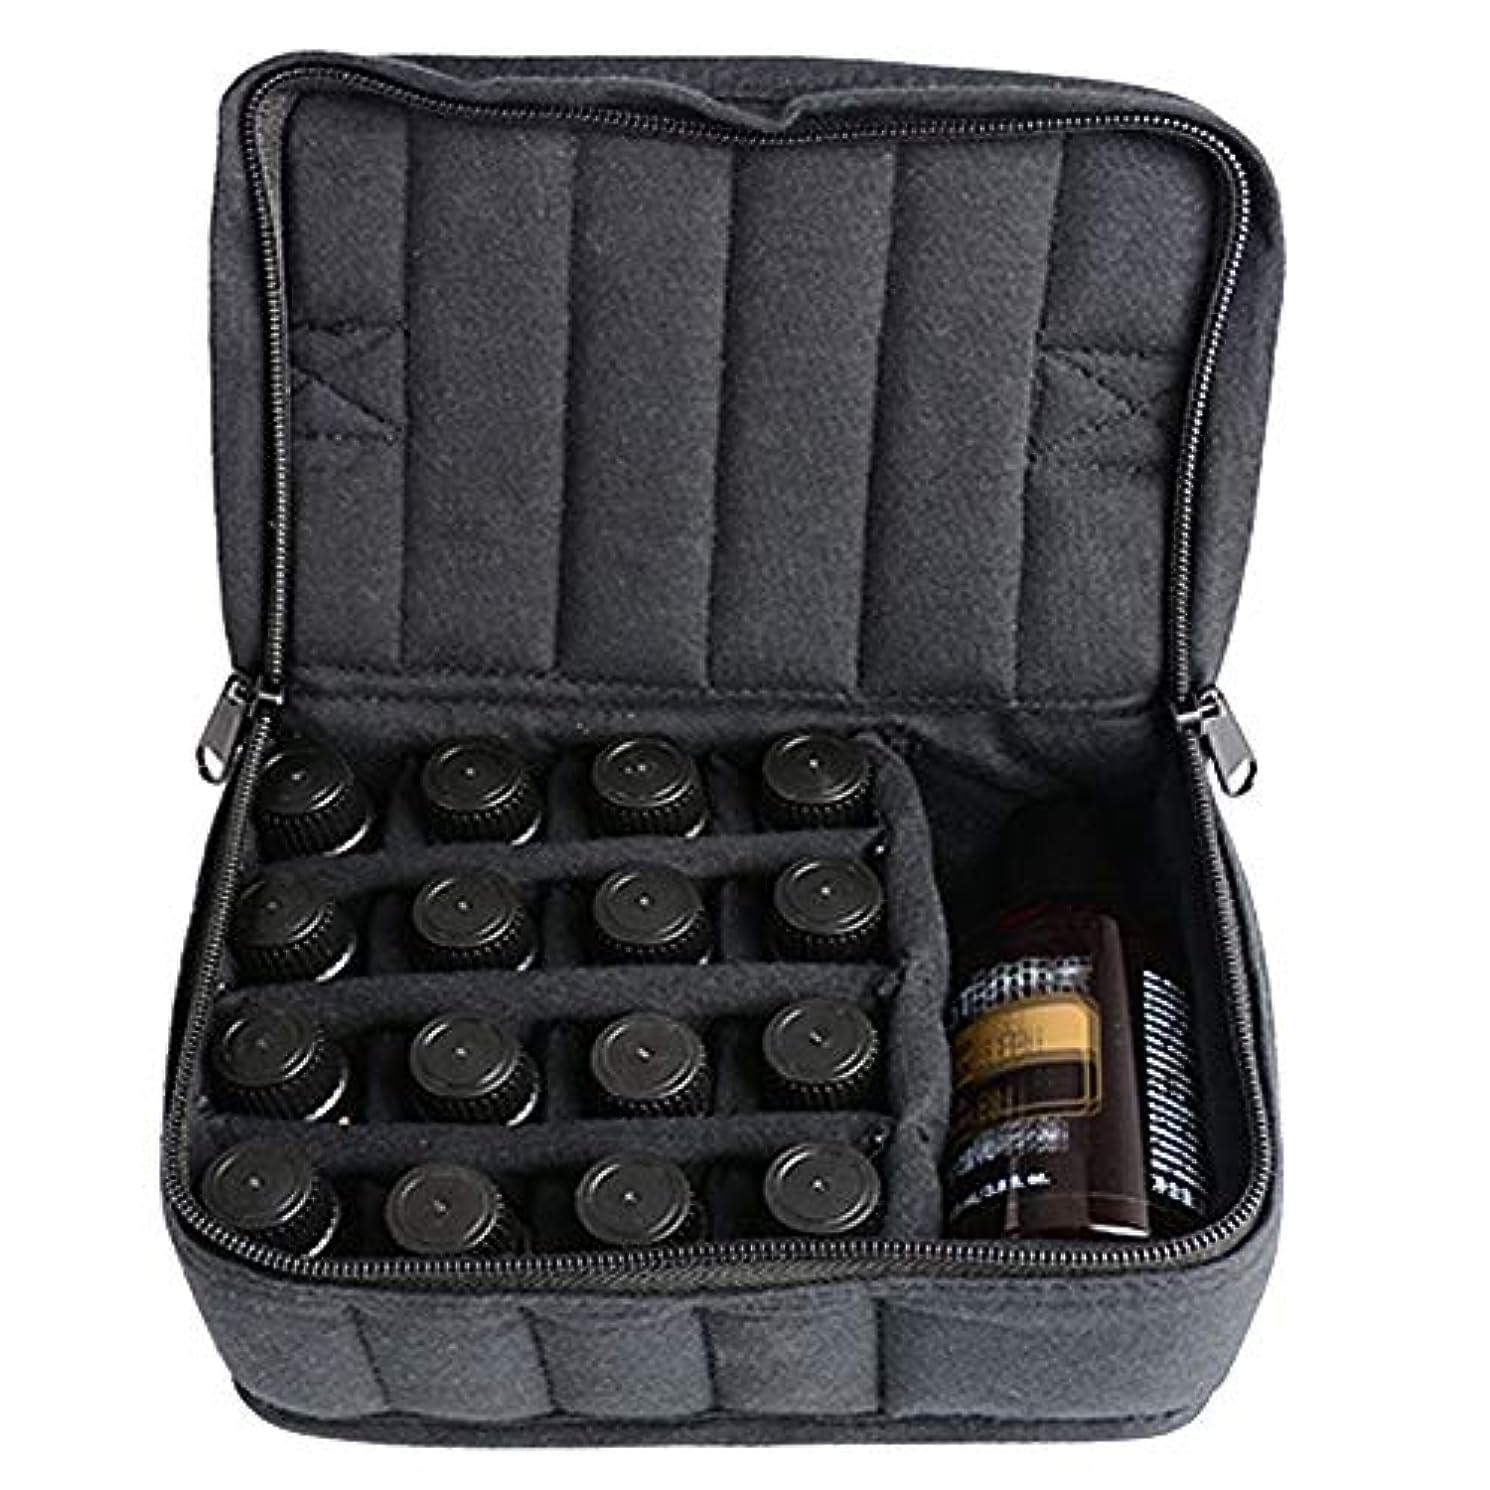 コミット命令責エッセンシャルオイル収納ボックス ソフト17本のボトル-Essentialオイルキャリングケースは、旅行のための17本のボトル5ミリリットル/ 10ミリリットル/ 15ミリリットルを開催します アロマオイル収納ボックス (色 : ブラック, サイズ : 17X14X7.5CM)